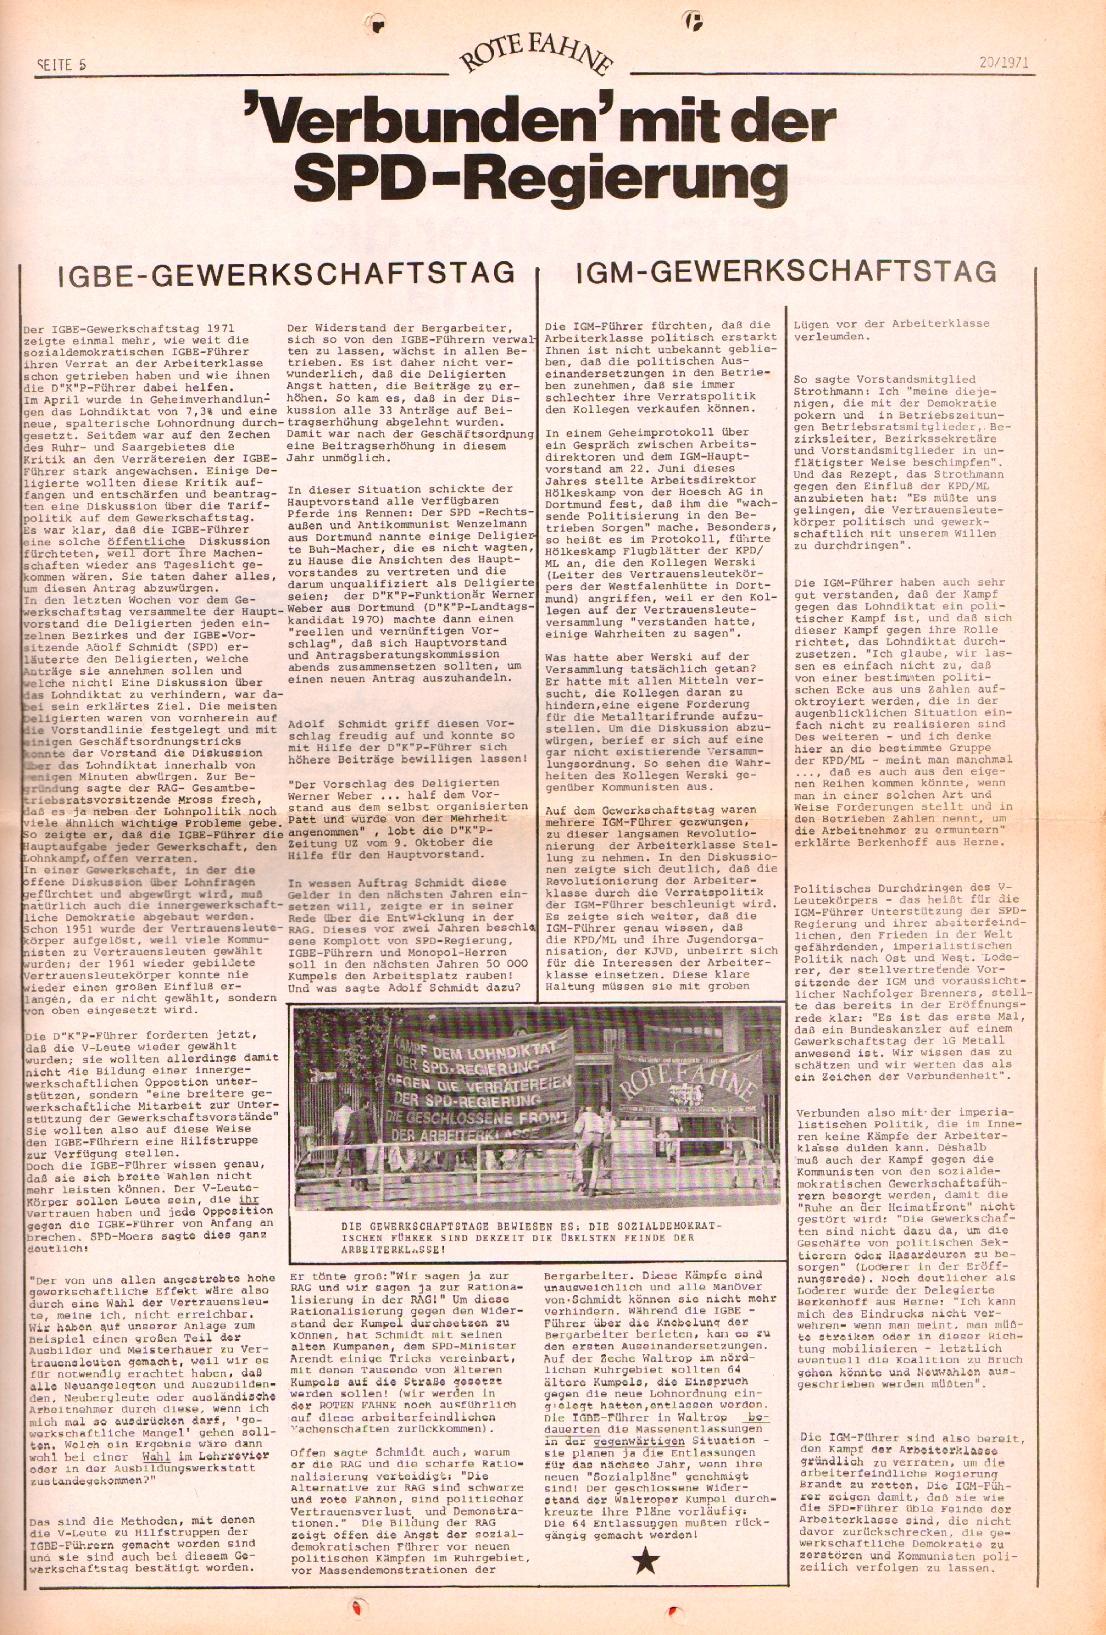 Rote Fahne, 2. Jg., 11.10.1971, Nr. 20, Seite 5